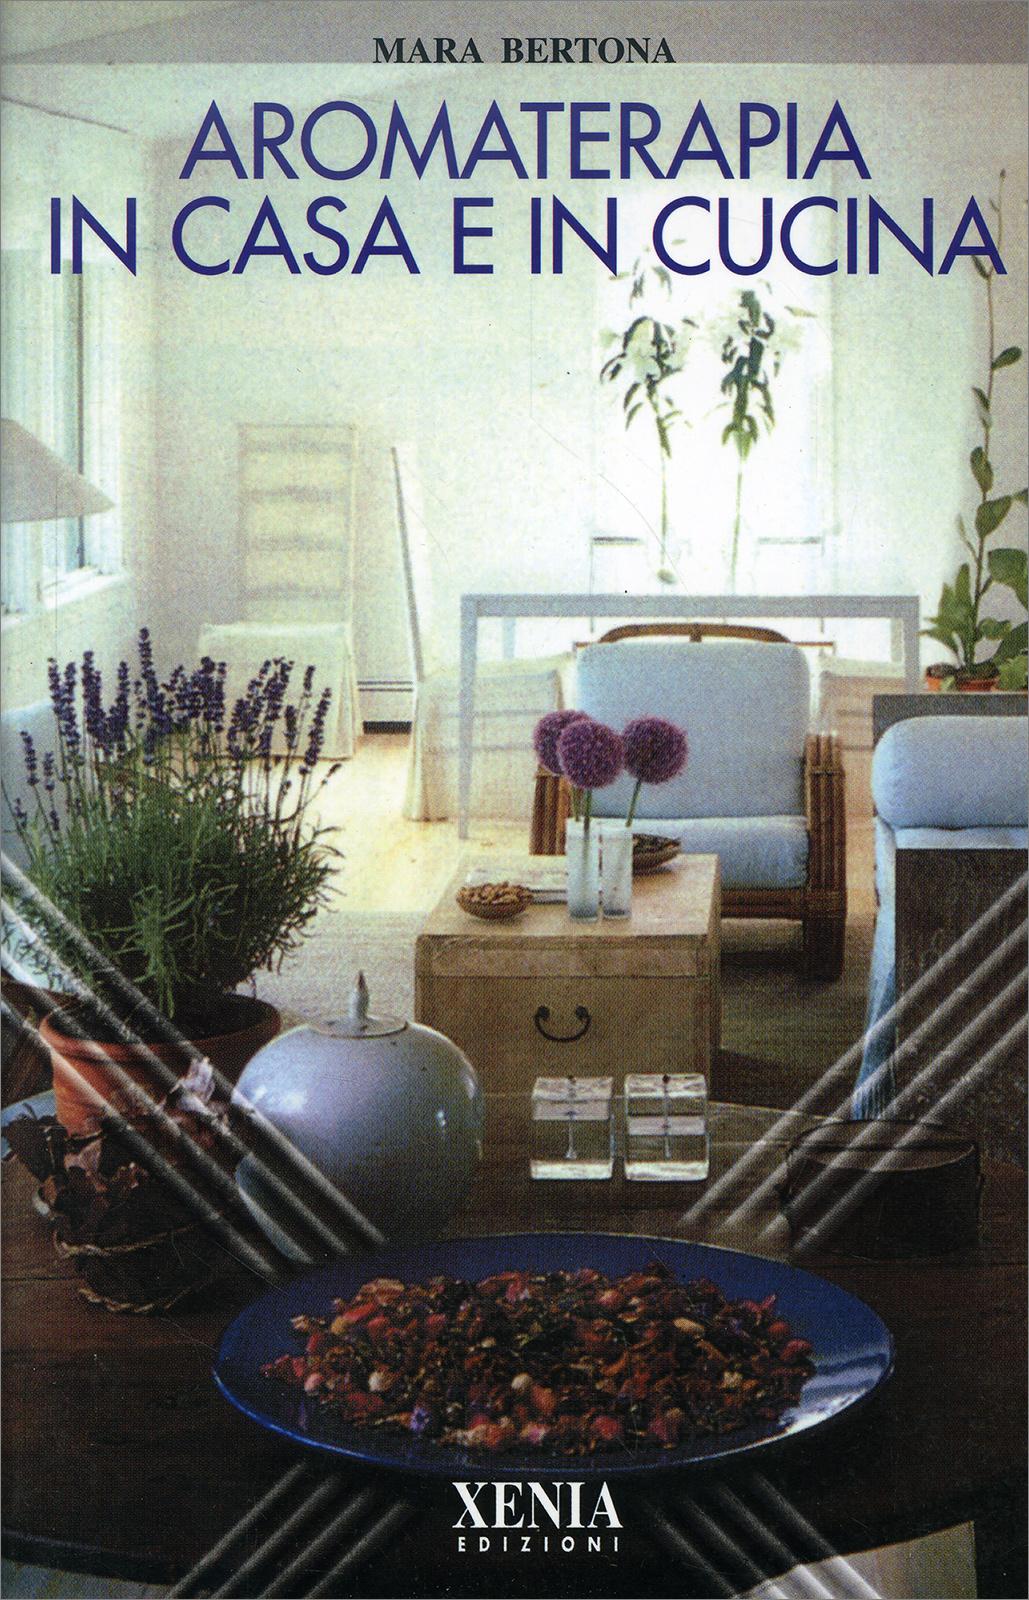 Aromaterapia Camera Da Letto aromaterapia in casa e in cucina